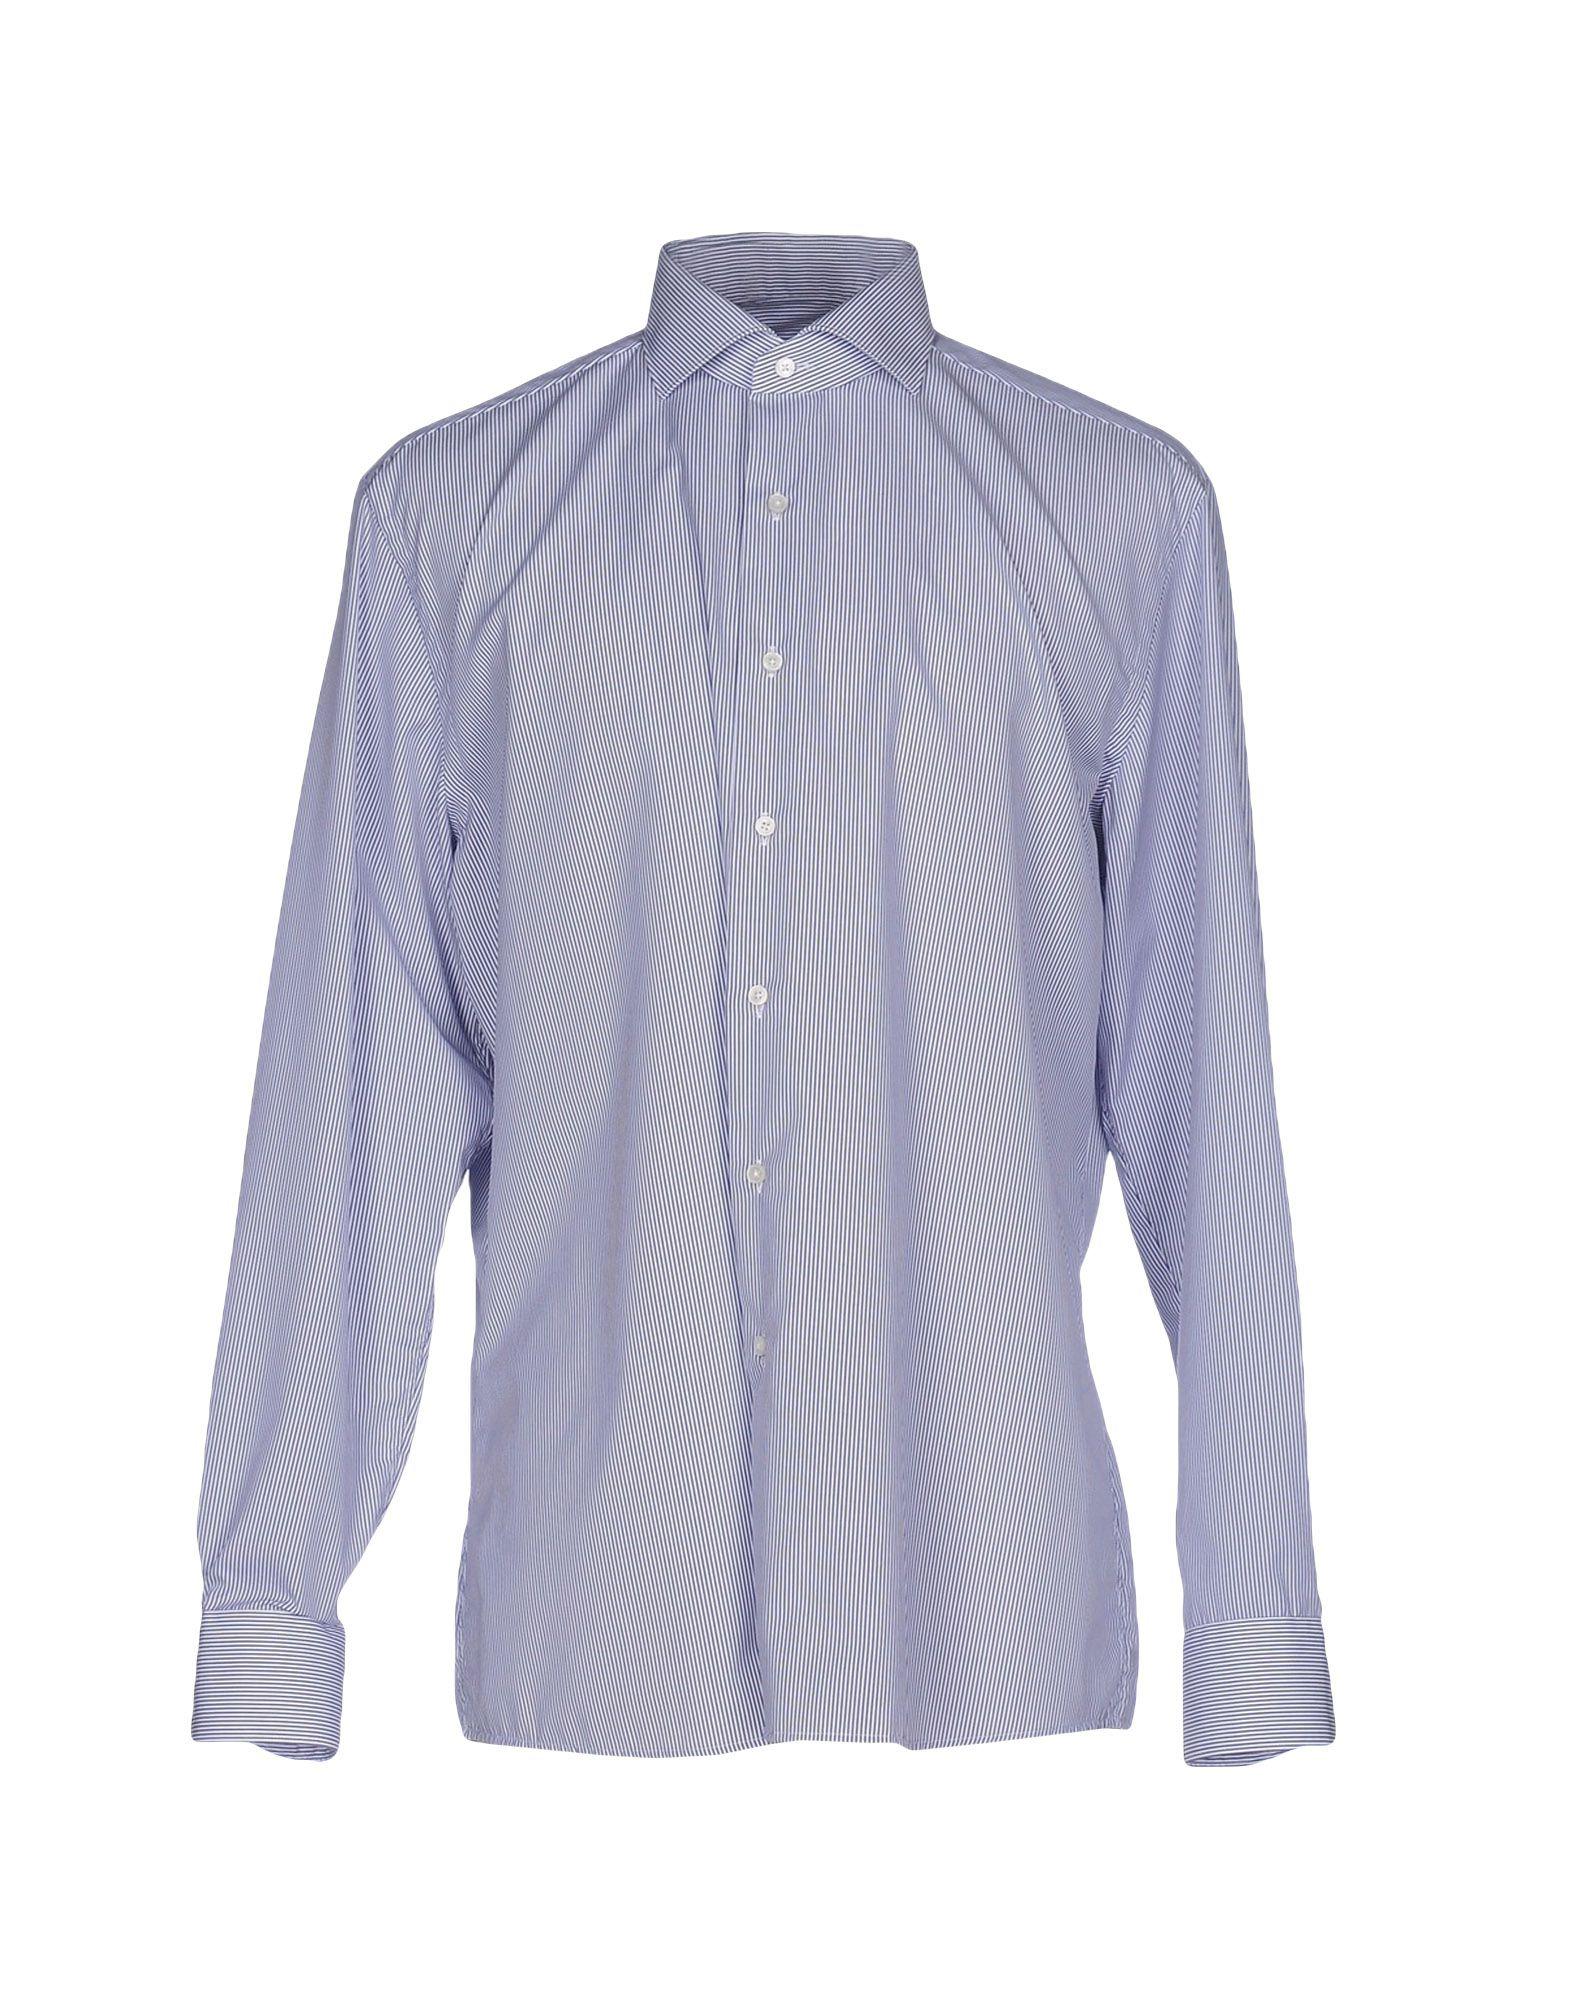 《送料無料》XACUS メンズ シャツ ダークブルー 43 コットン 100%